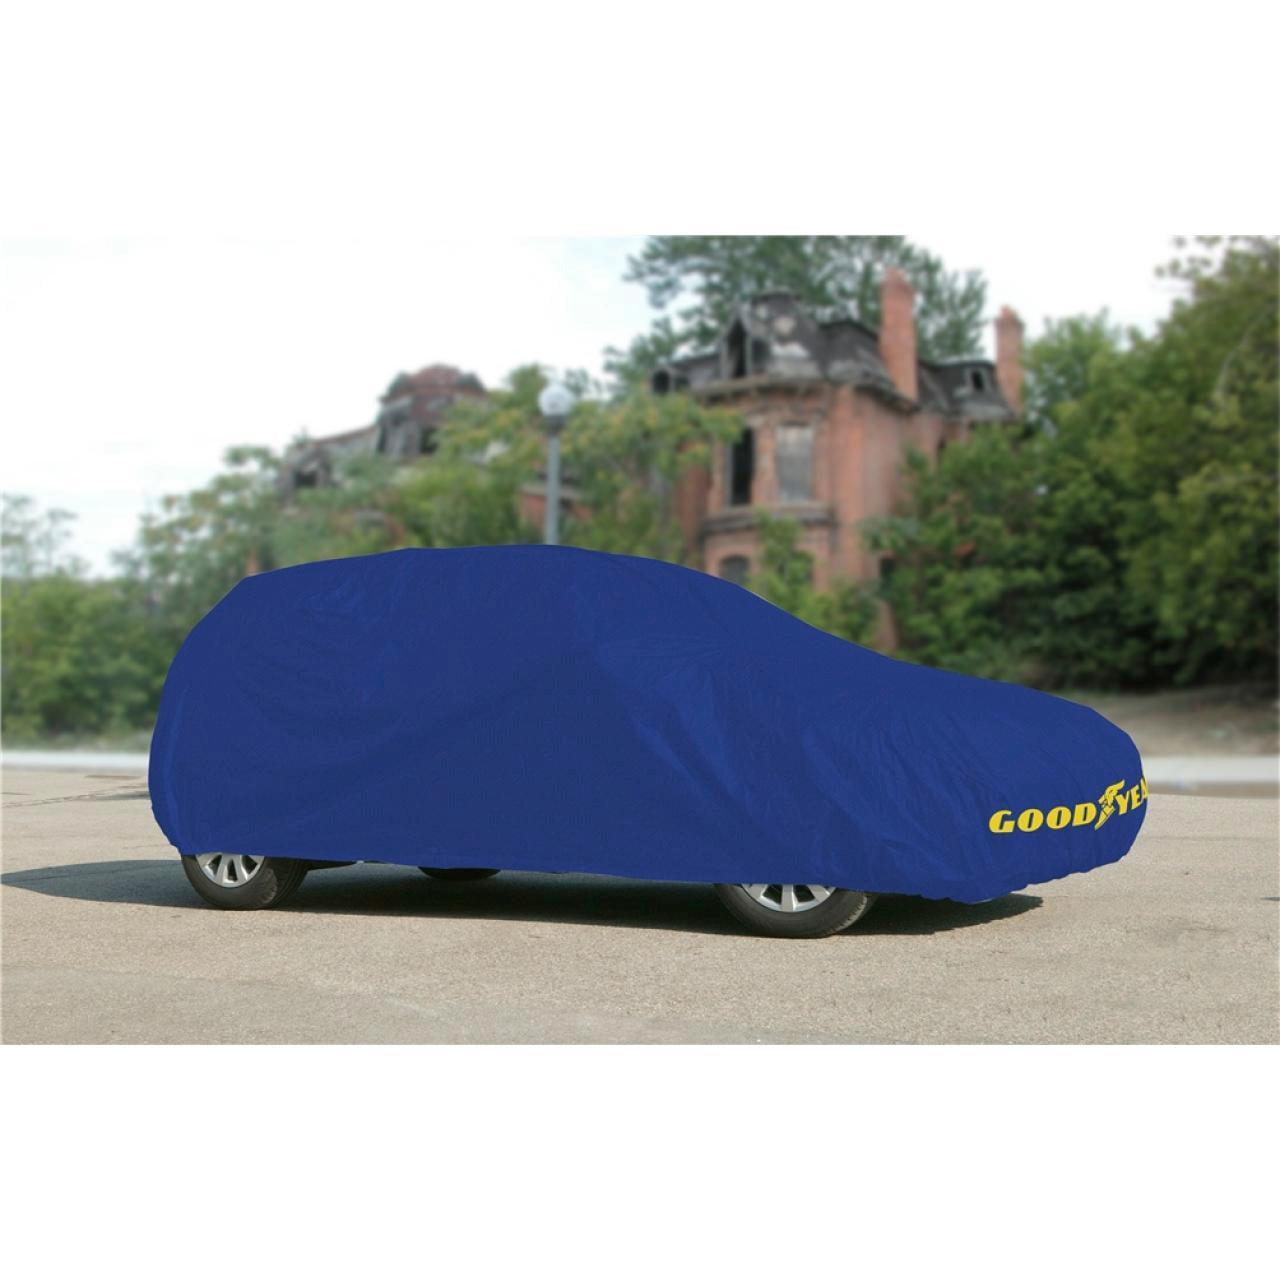 Goodyear Autoplane blau Autopflege Autozubehör Reifen